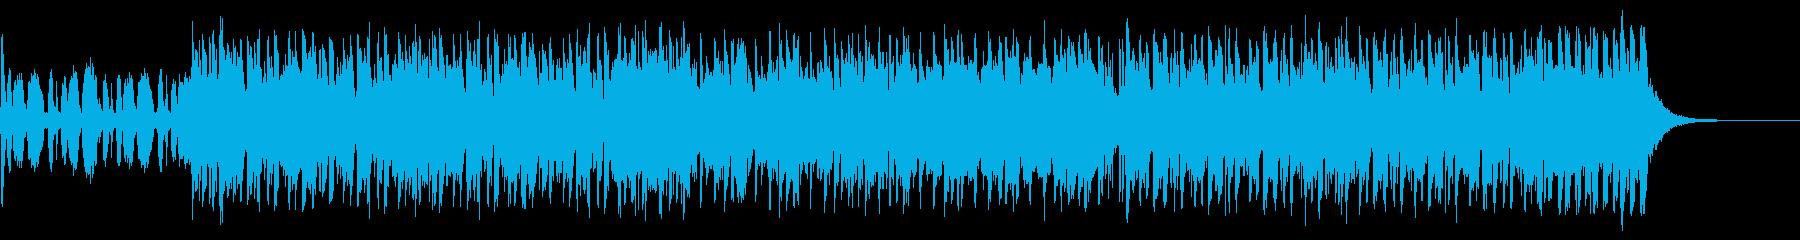 反撃開始のテーマの再生済みの波形